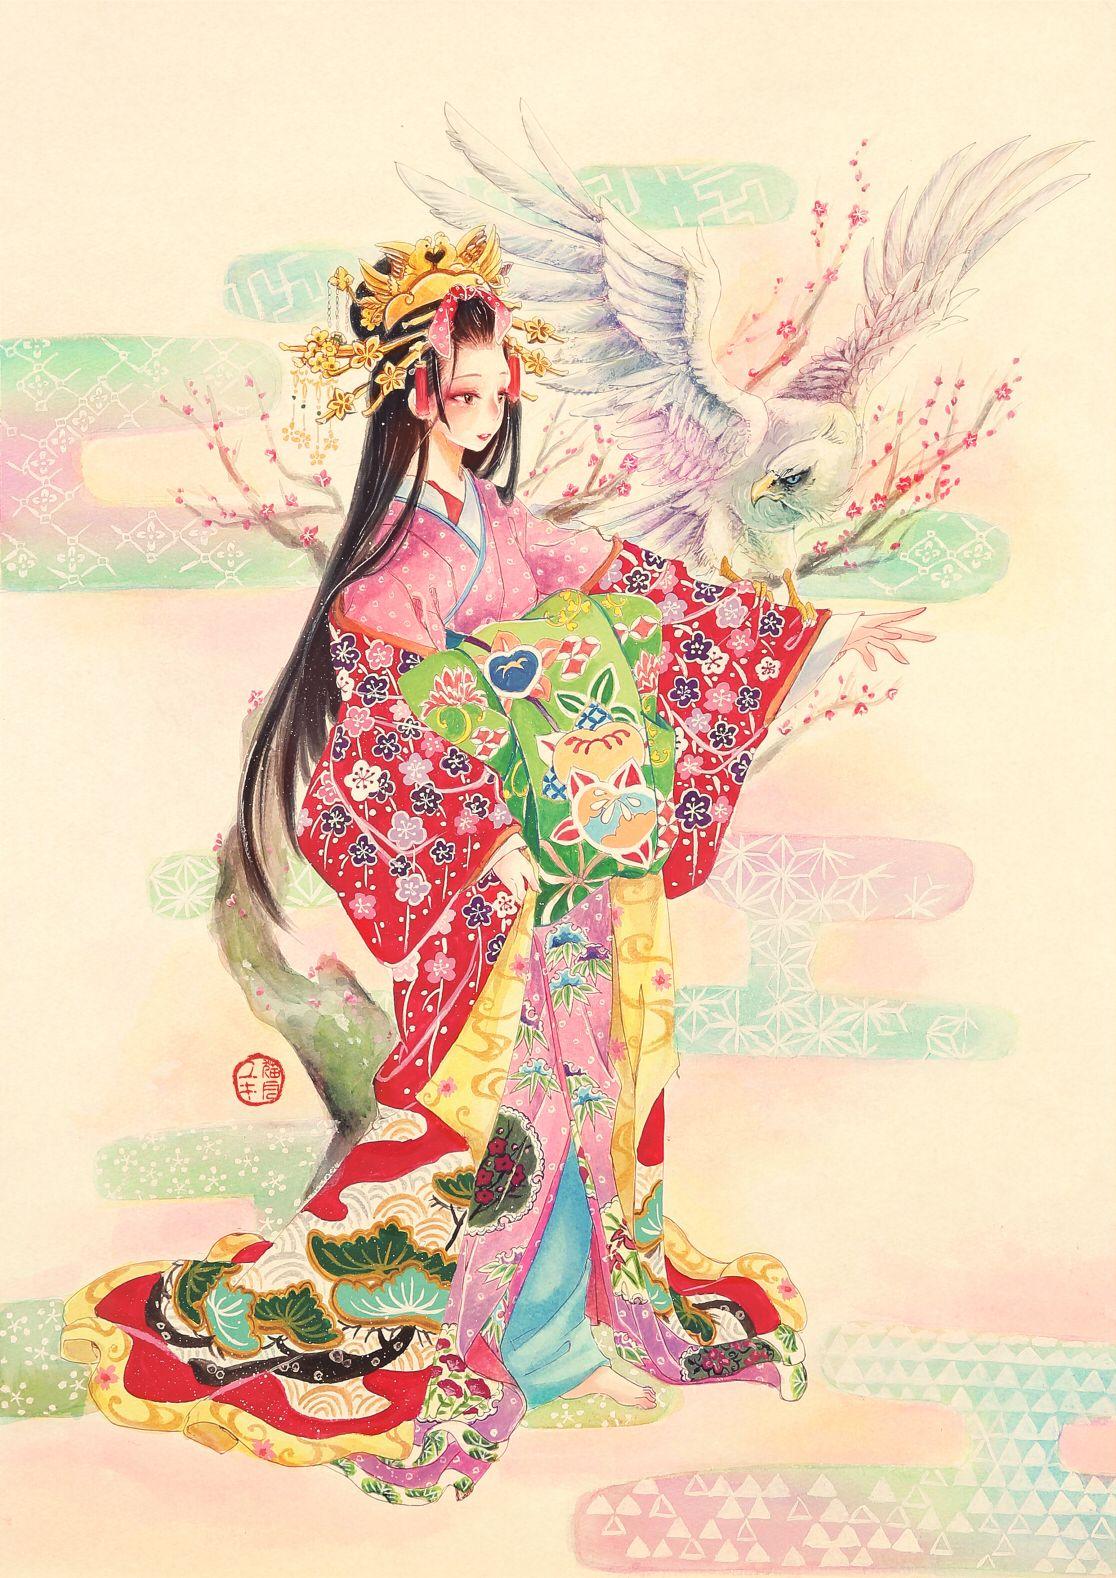 花魁戯獣図白鷹猫月ユキ絵仕事募集中のイラスト Pixiv